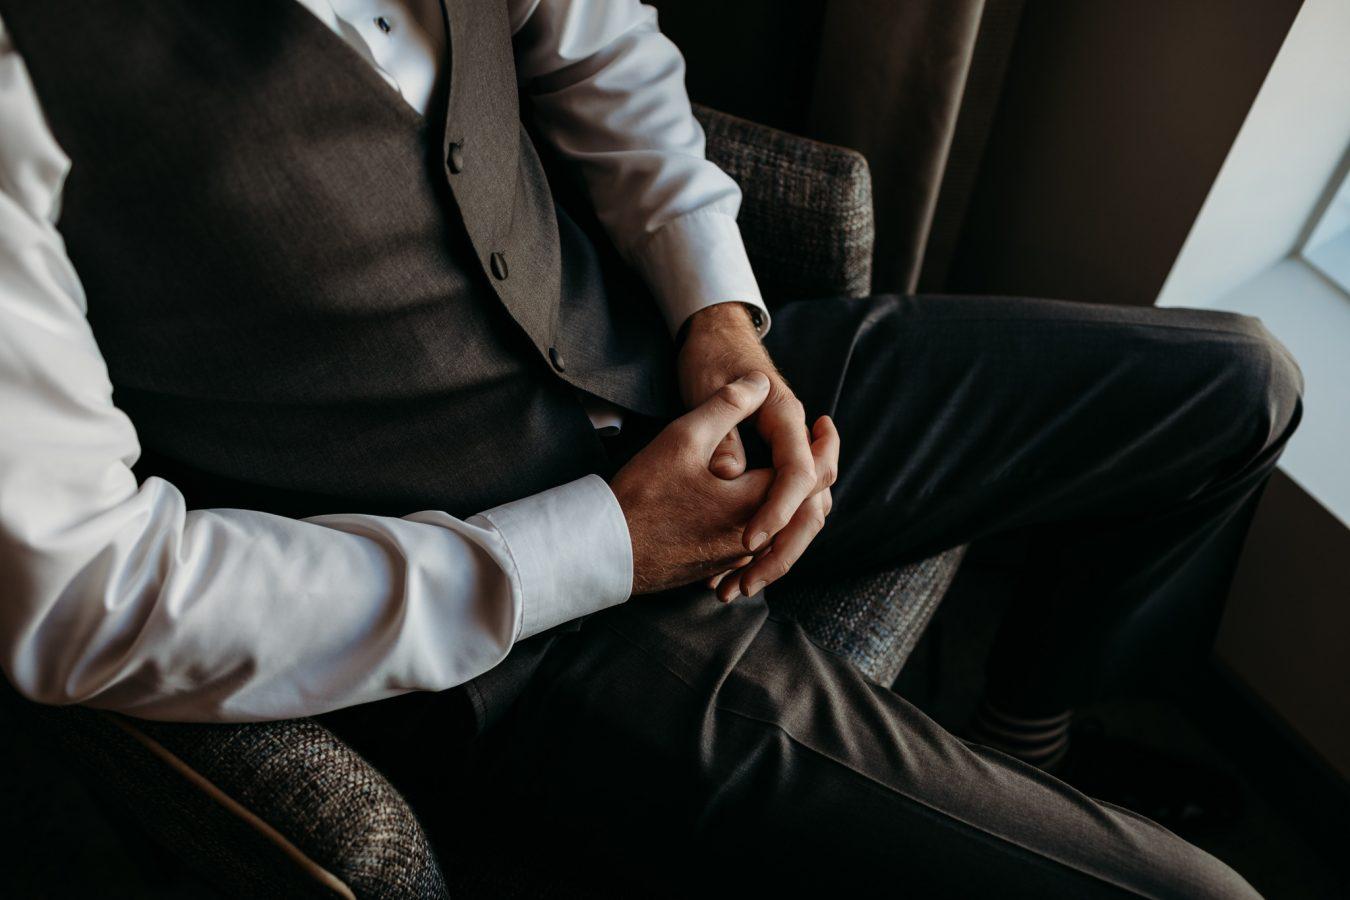 hands groom quiet moment